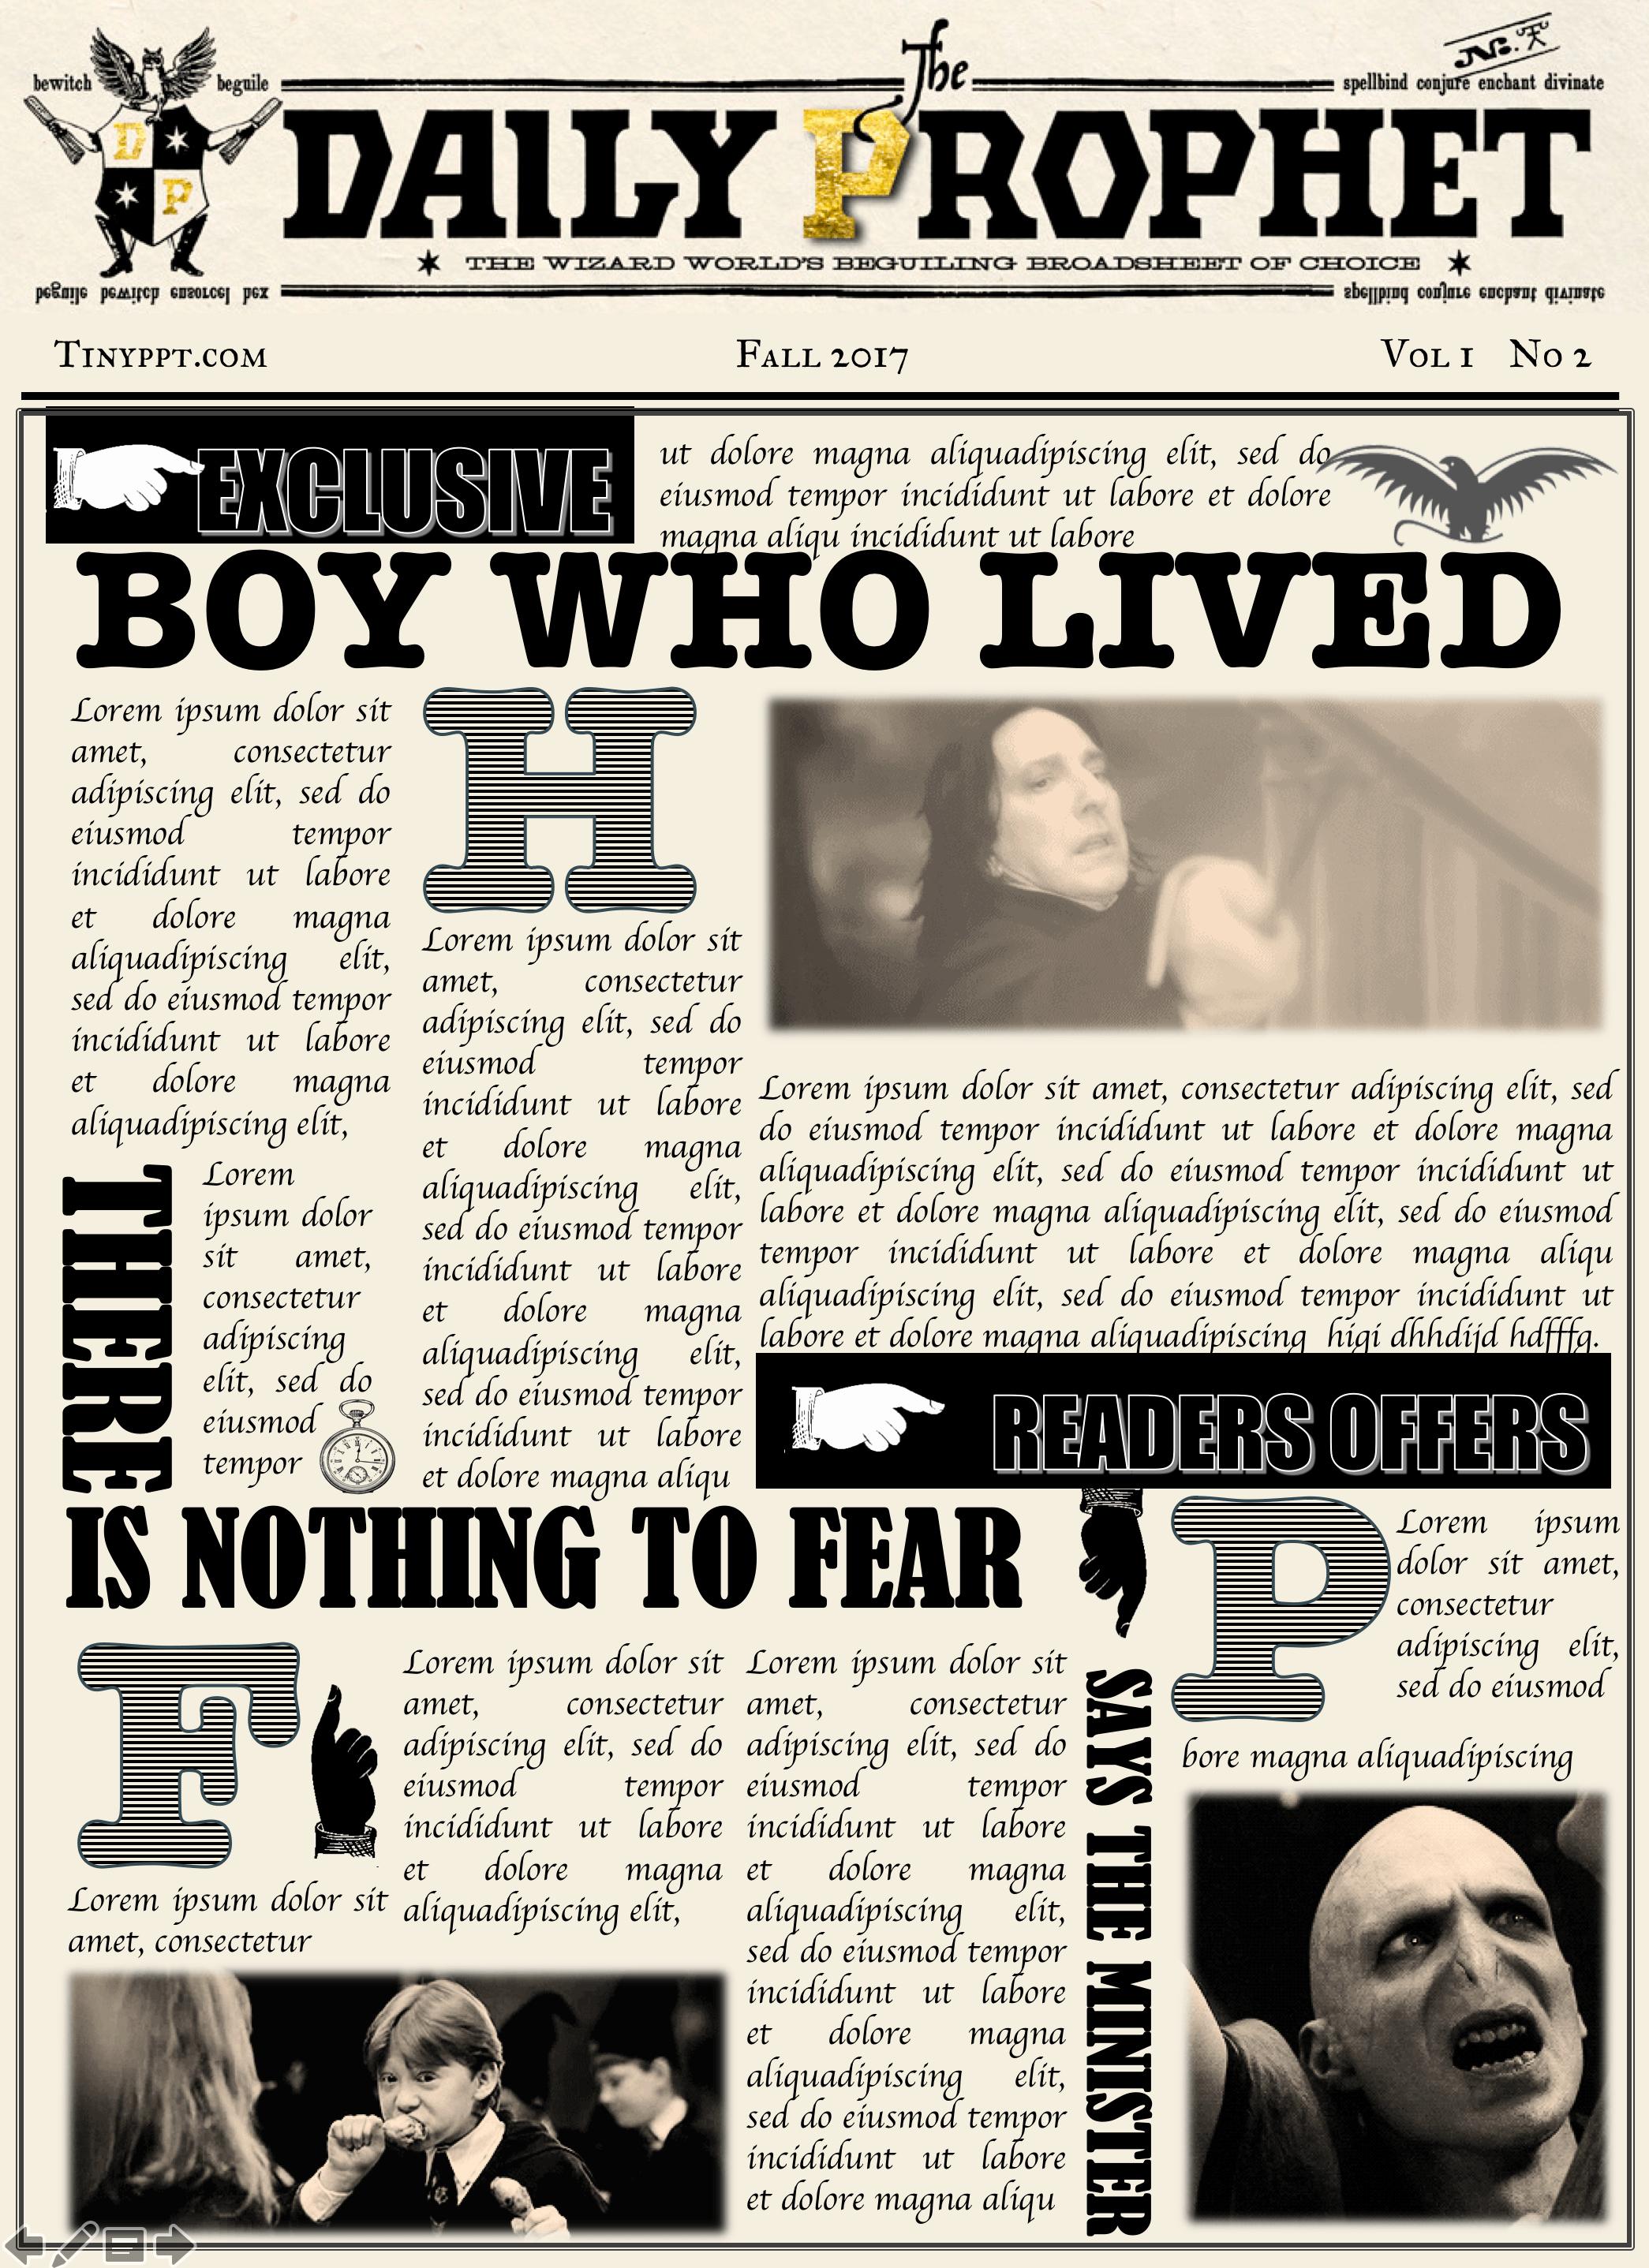 Harry Potter Powerpoint Template Unique Unique Daily Prophet Template Image Collection